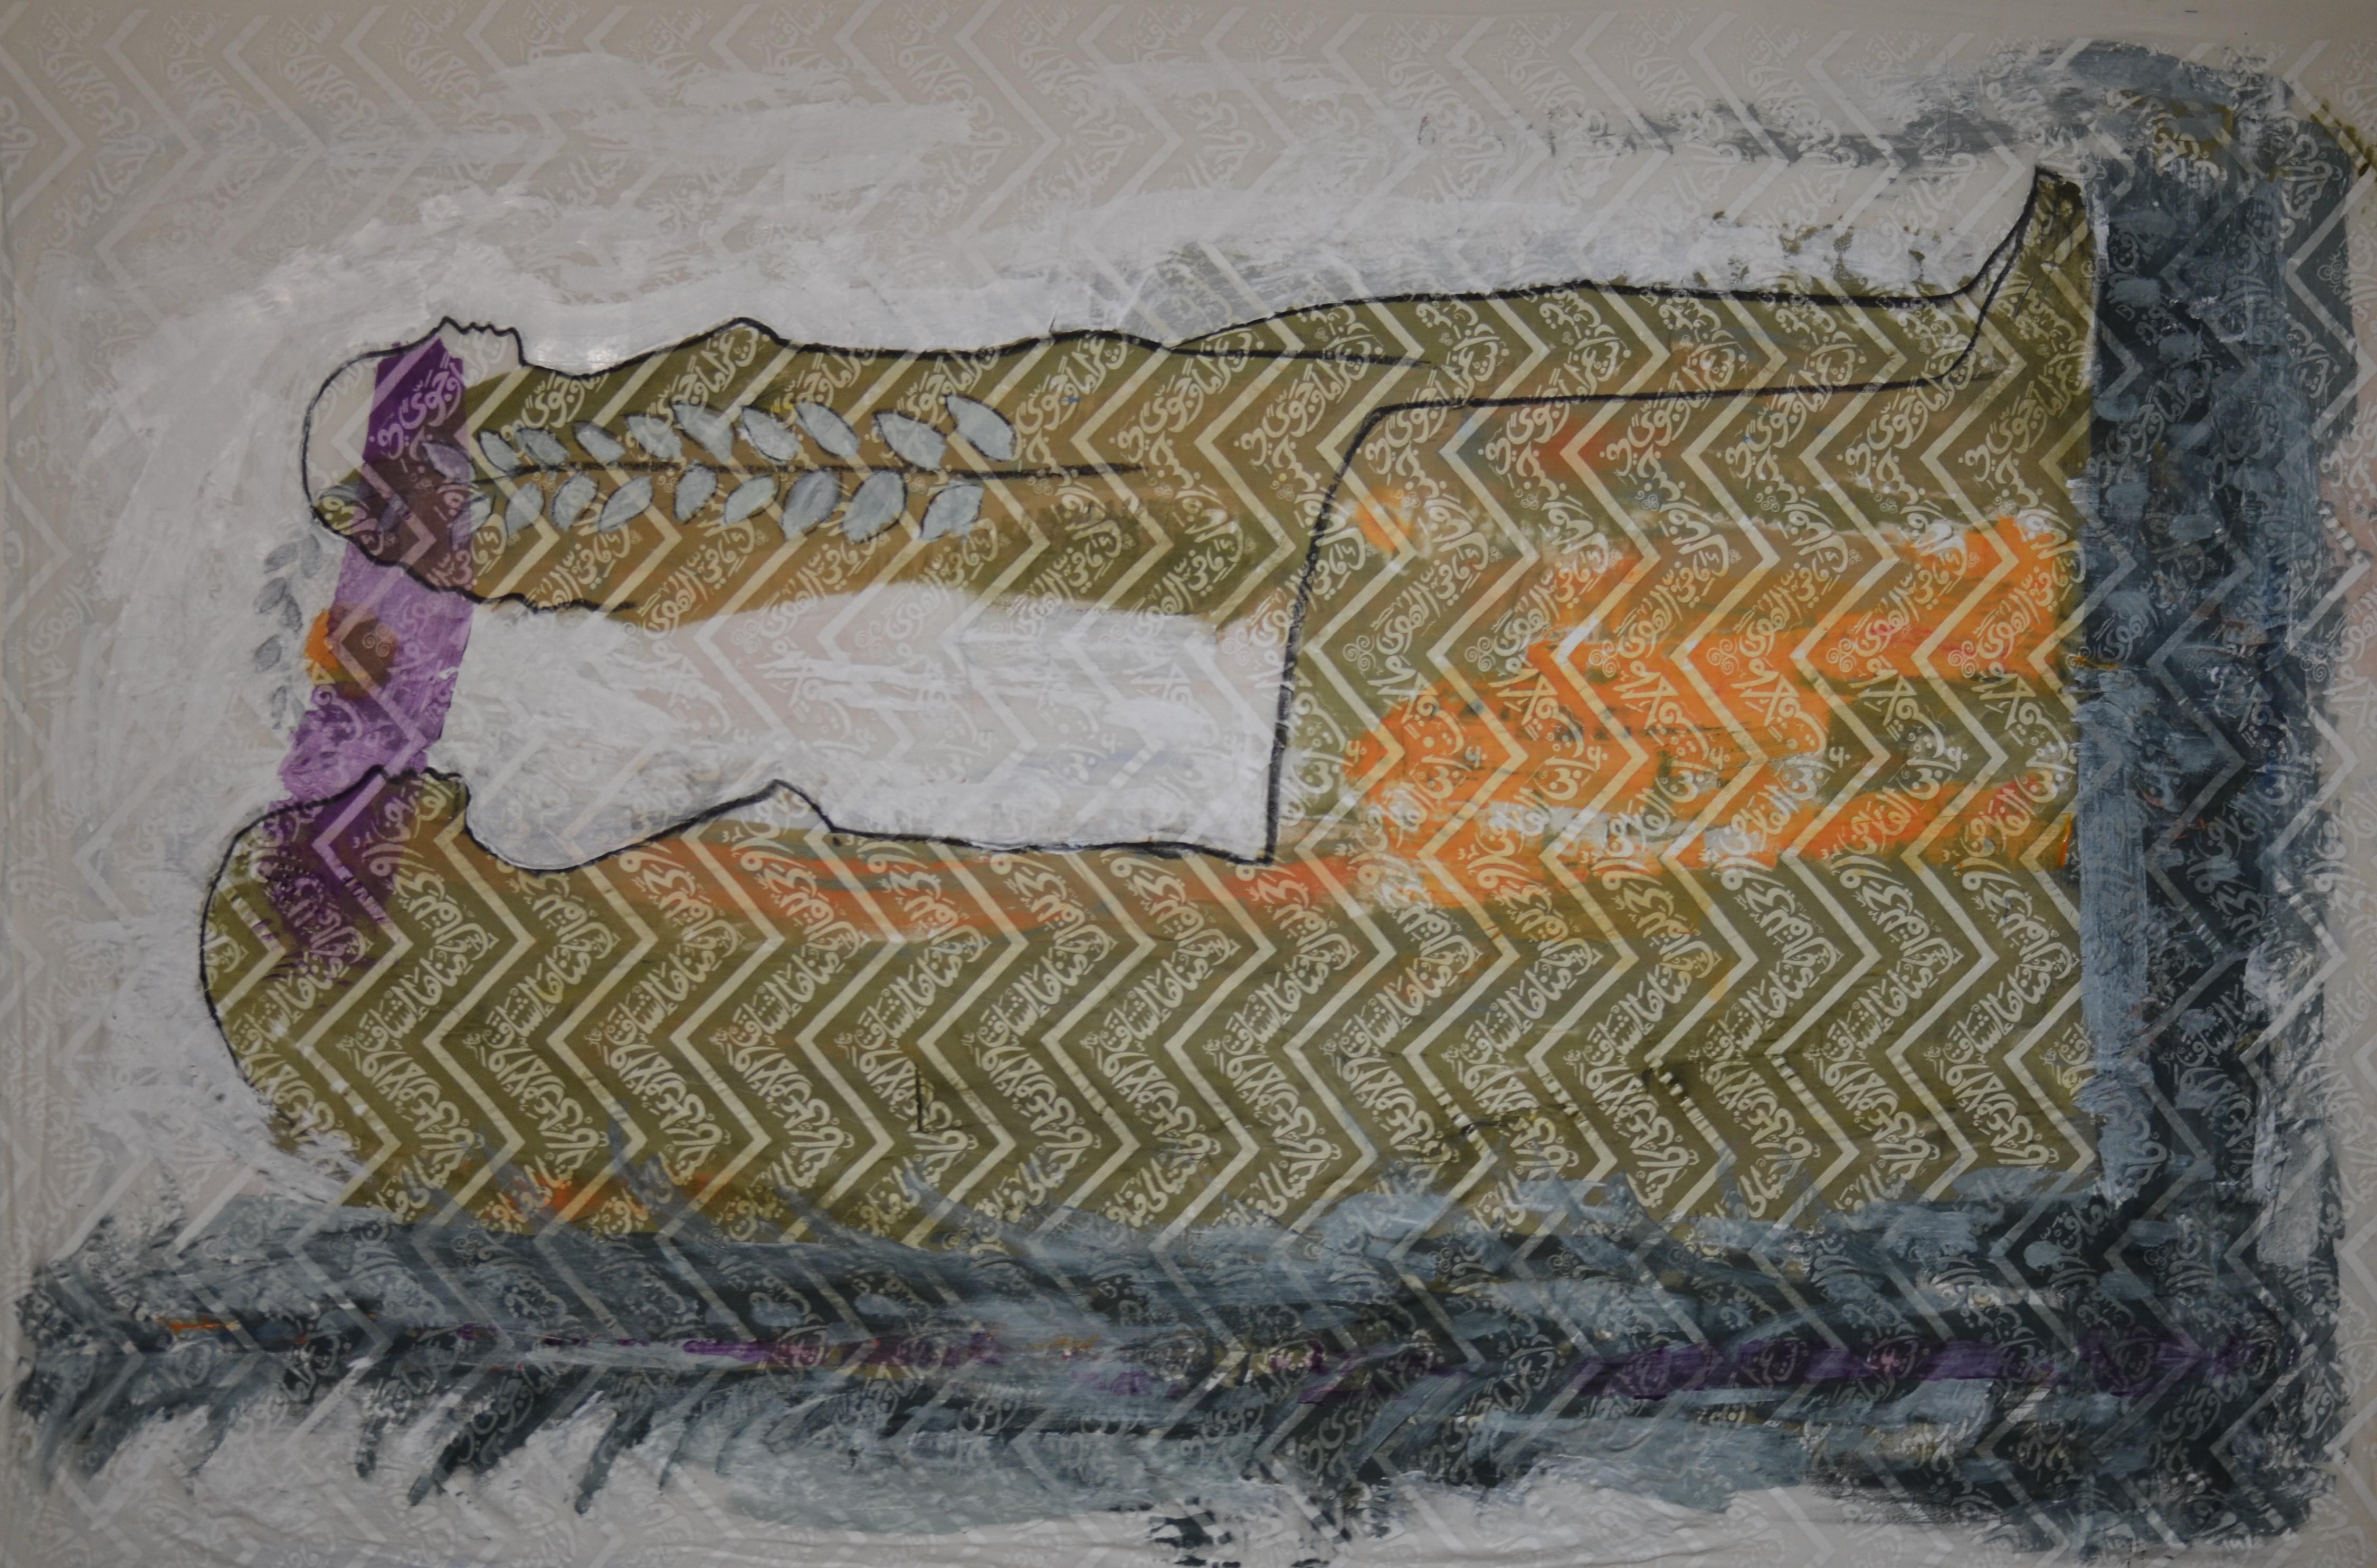 90x57 acrylic, tempra and Silk screen on